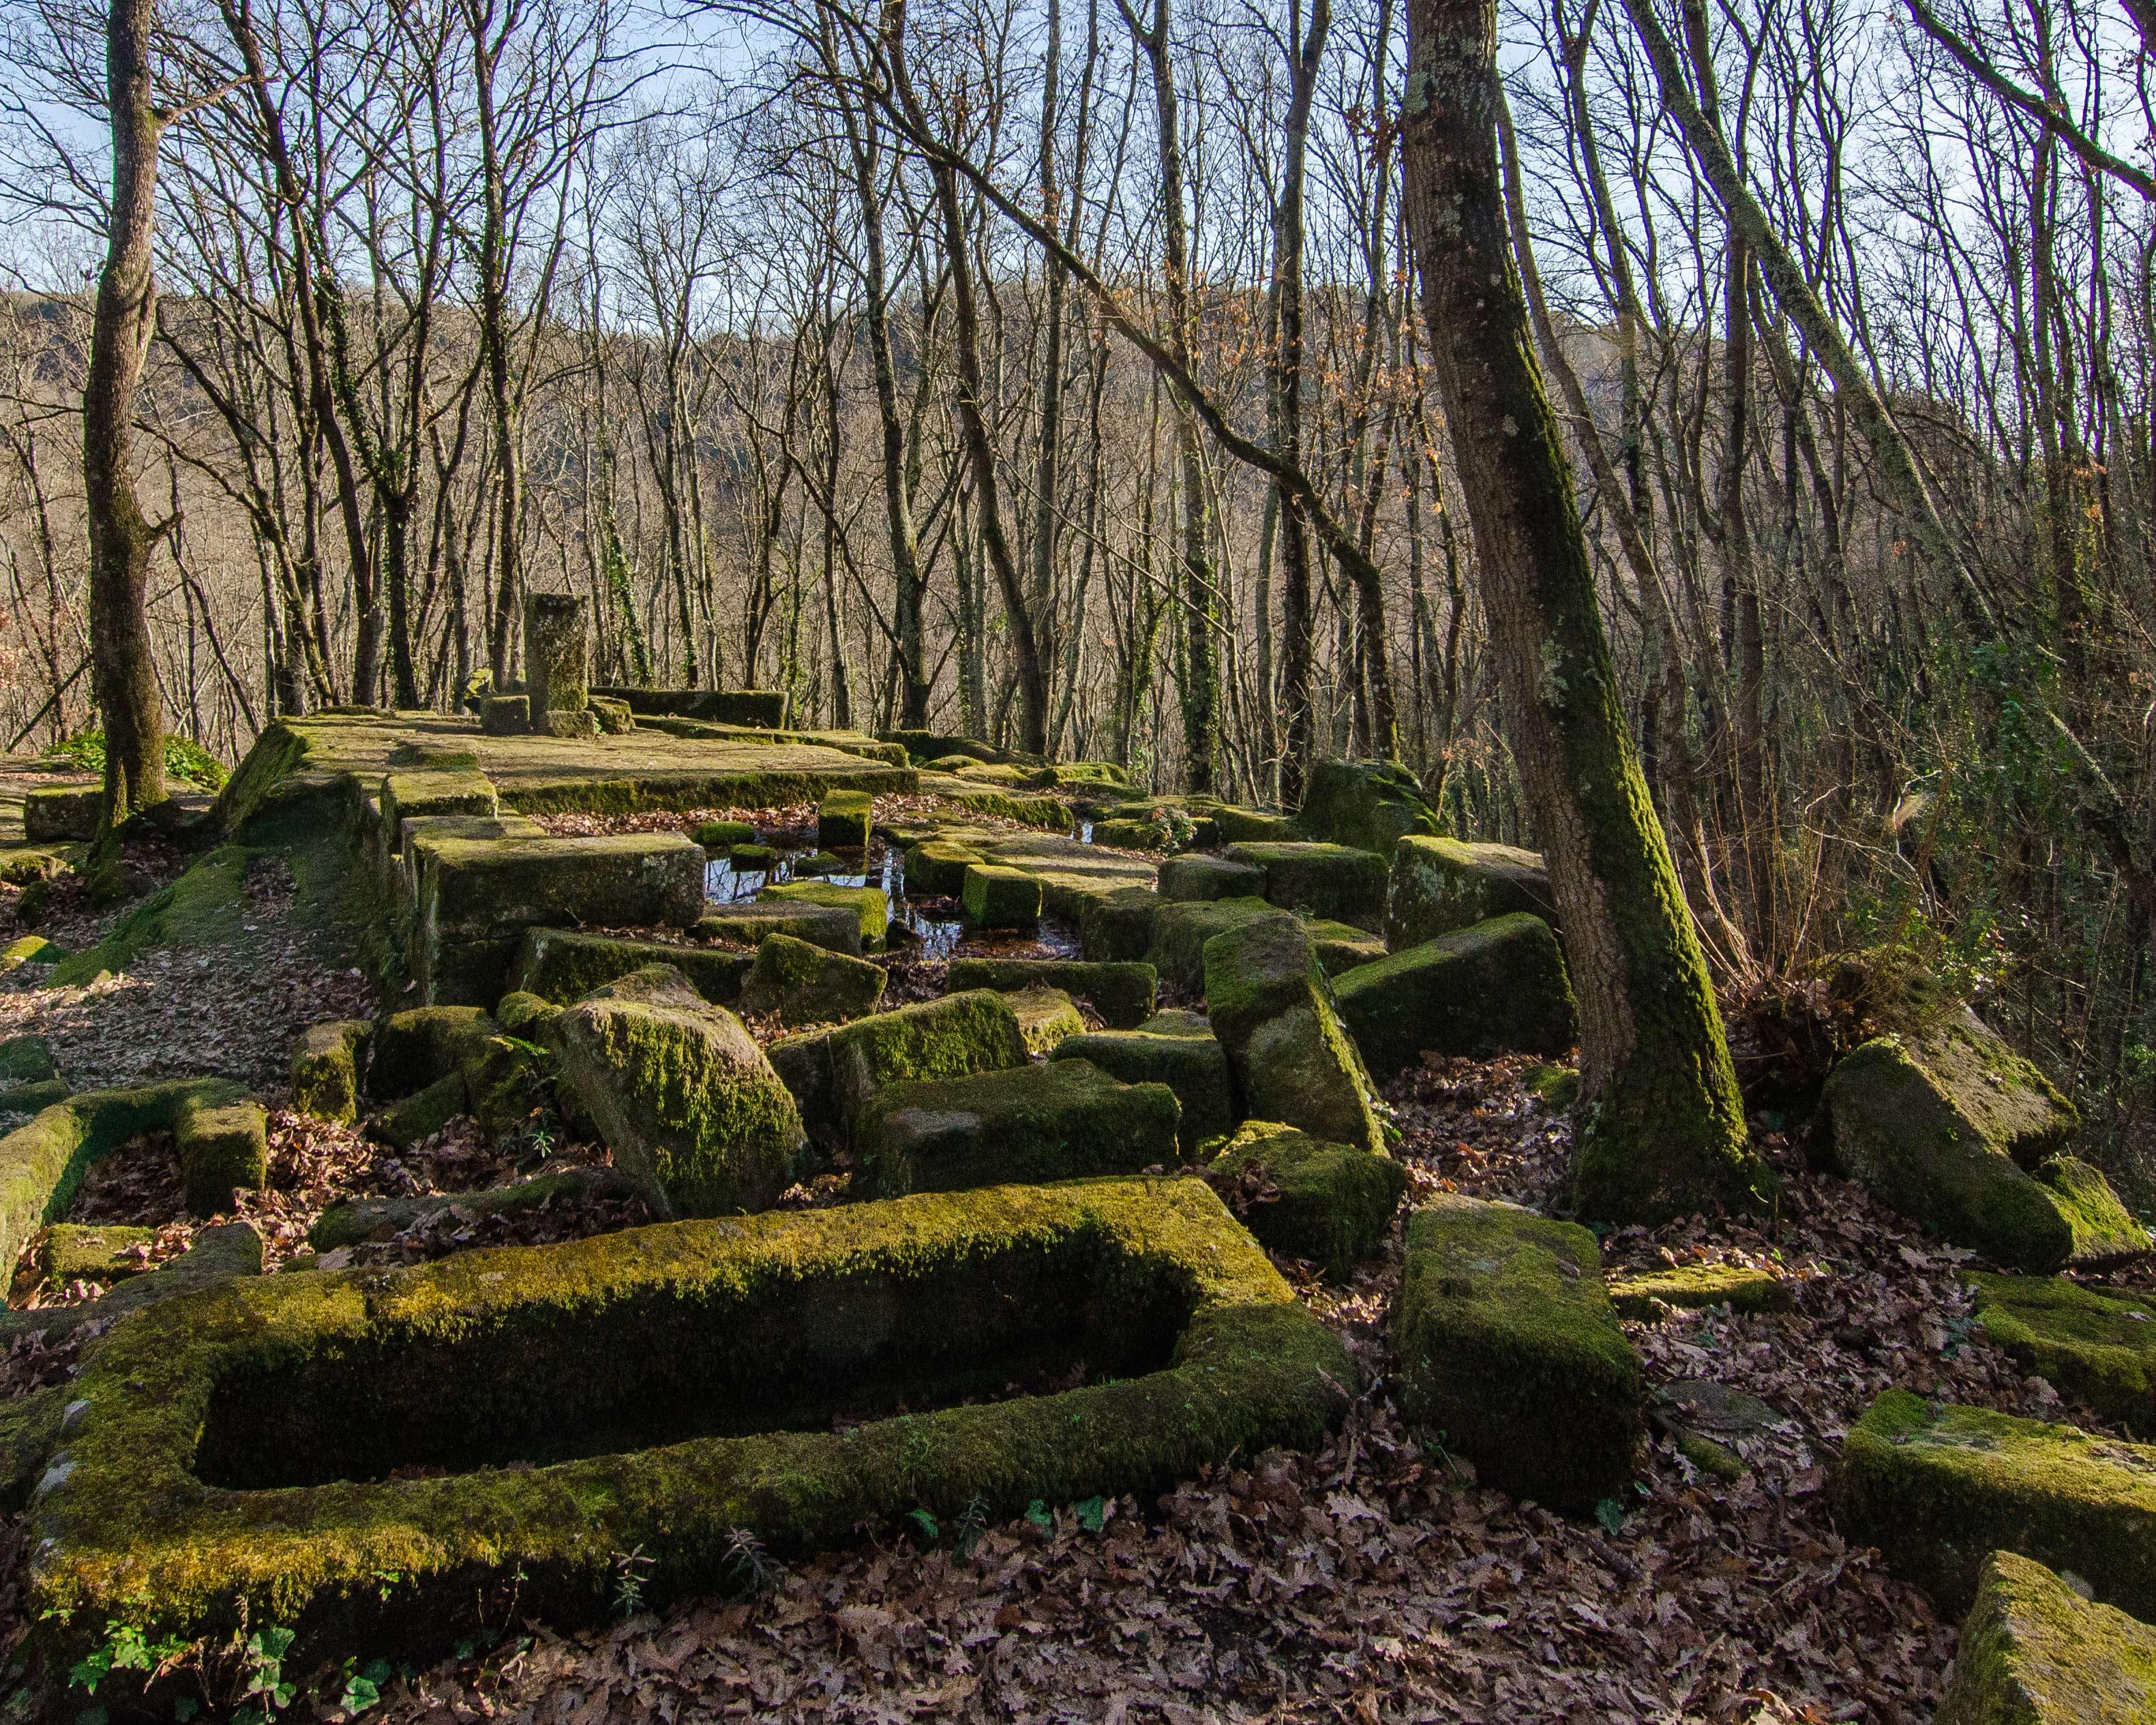 Rovine del tempio rupestre di Santa Cecilia nei boschi di Bomarzo